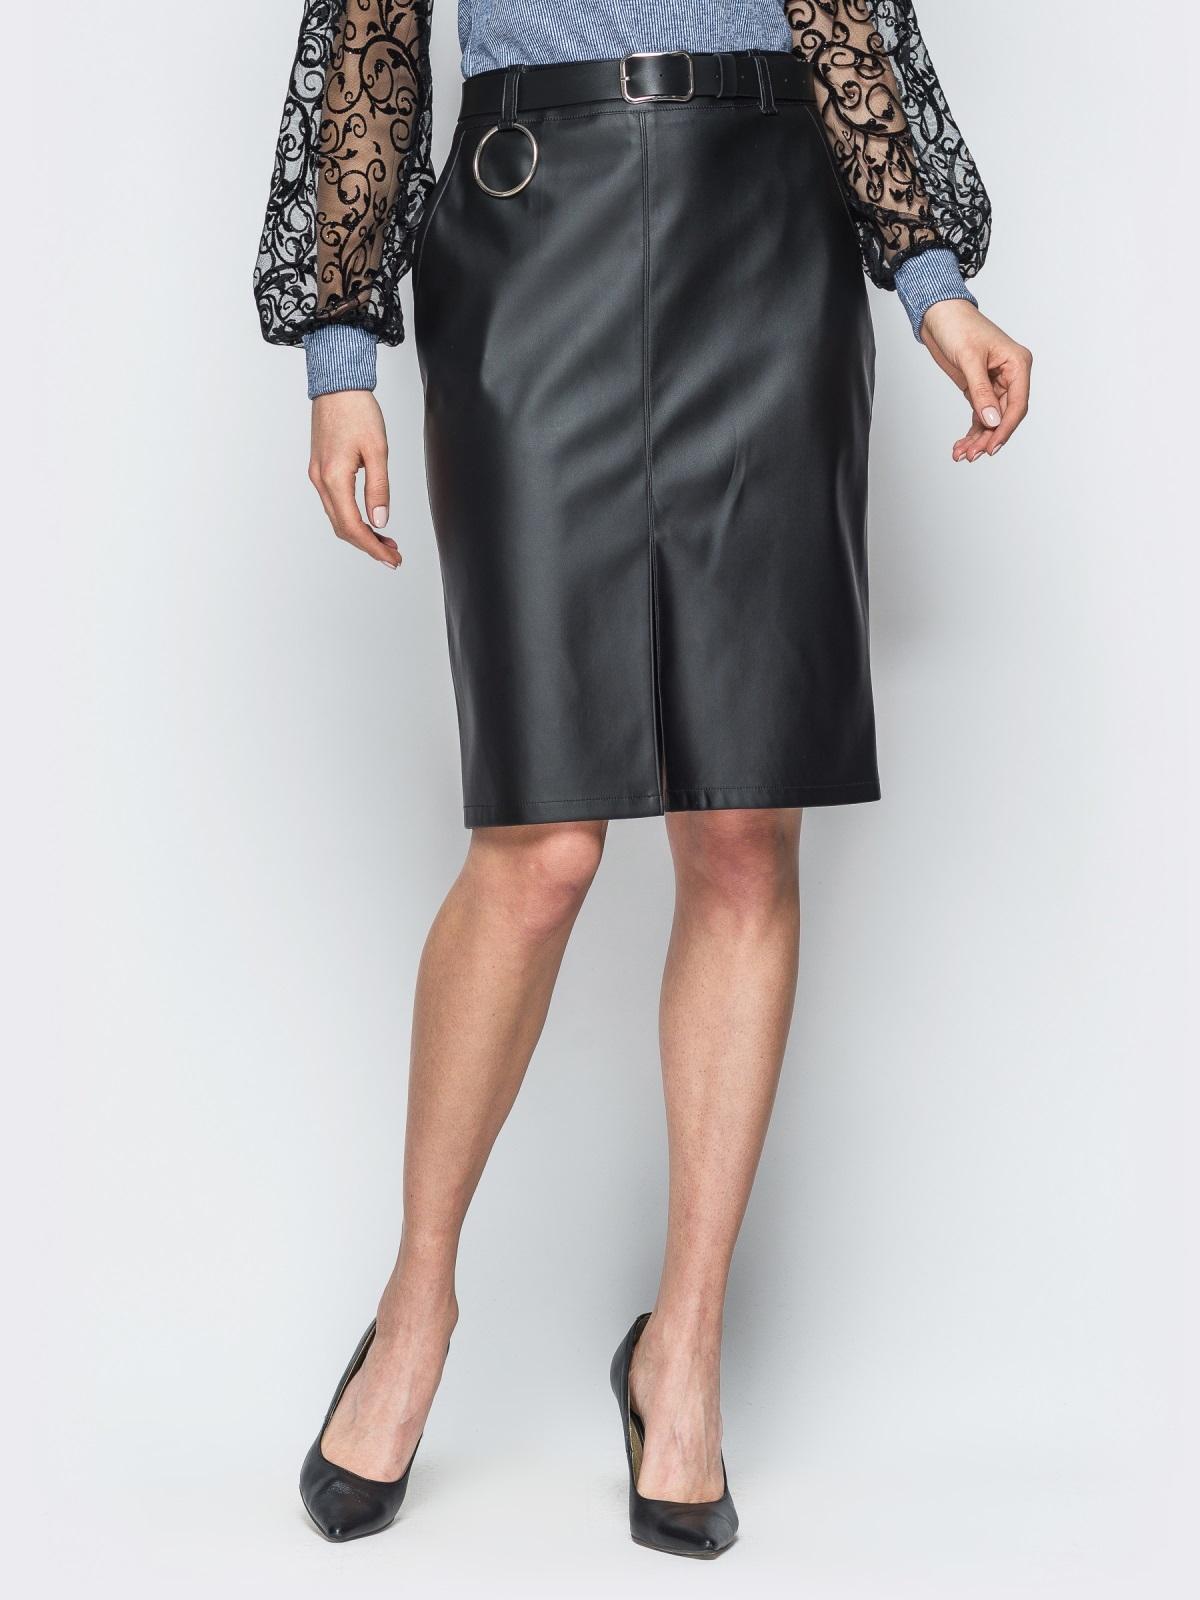 Кожаная черная юбка с разрезом спереди - 18859, фото 1 – интернет-магазин Dressa